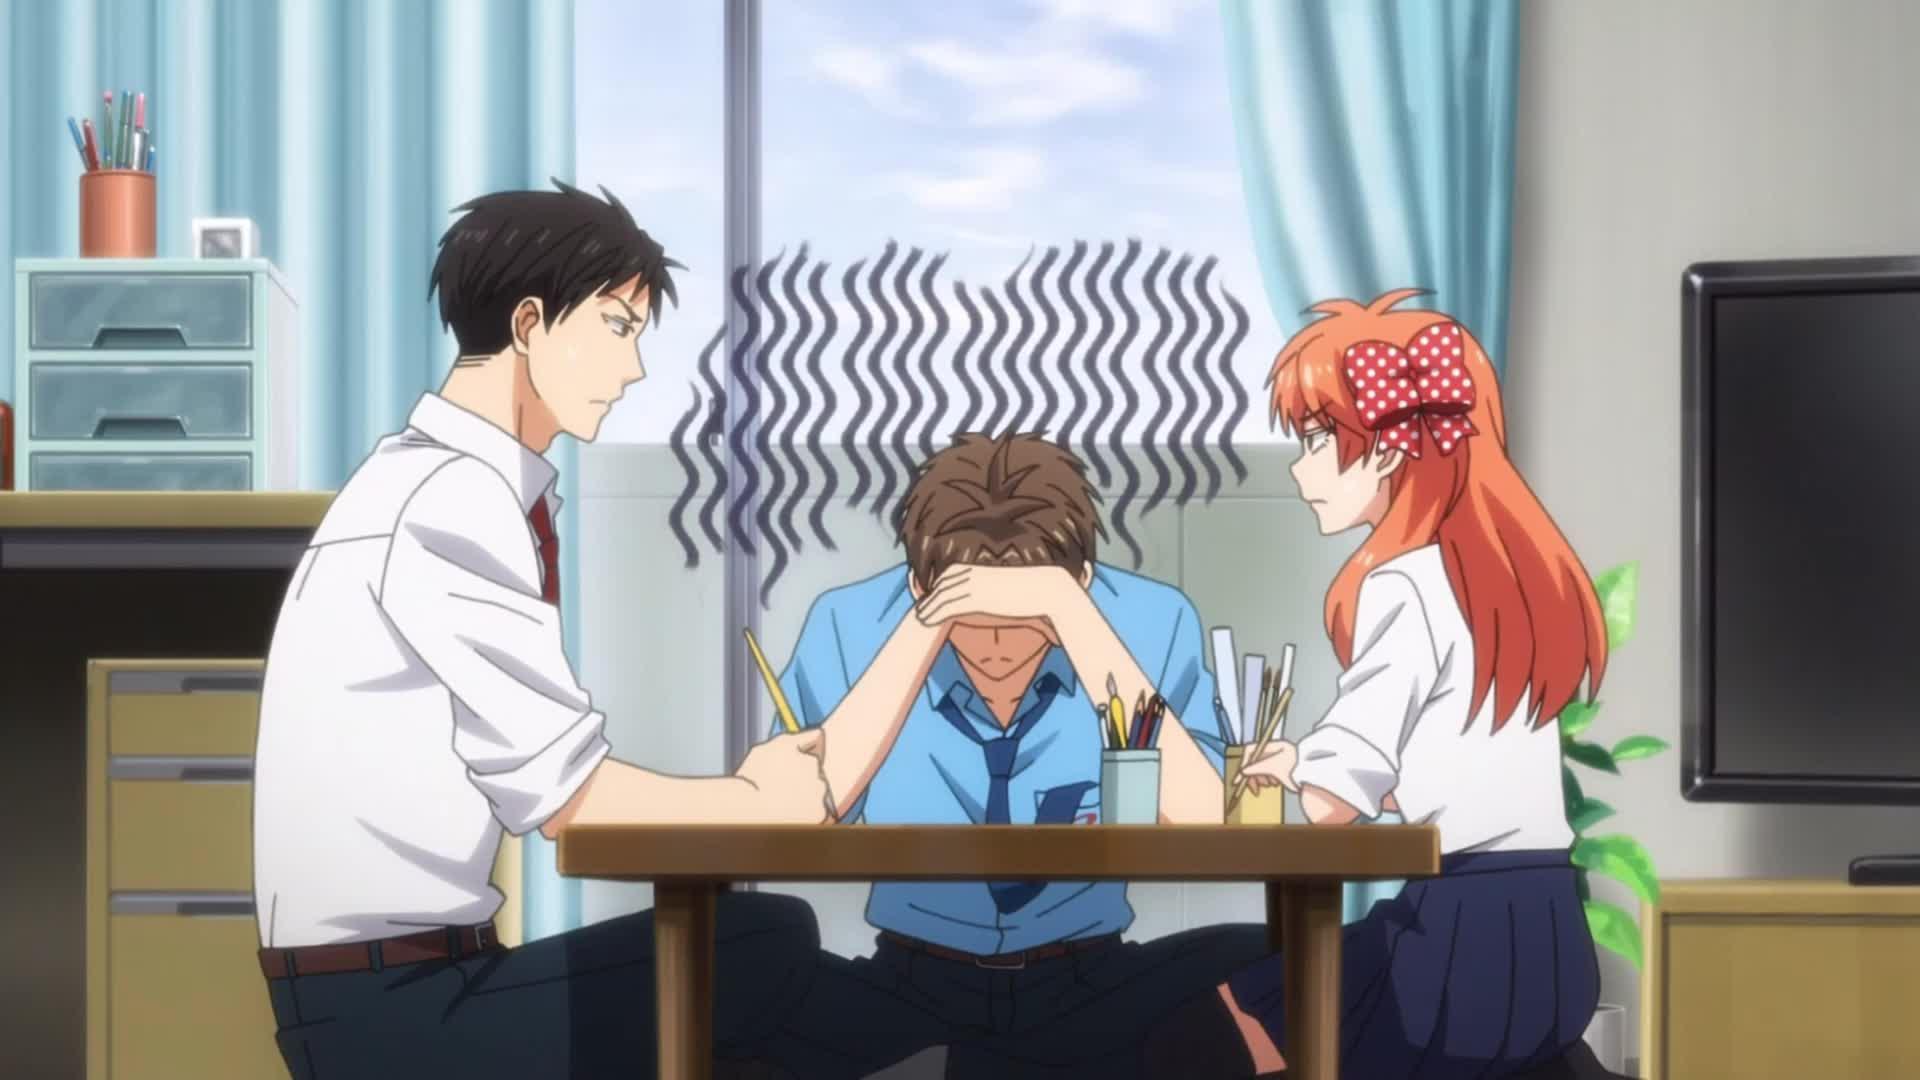 r/animemes GIFs